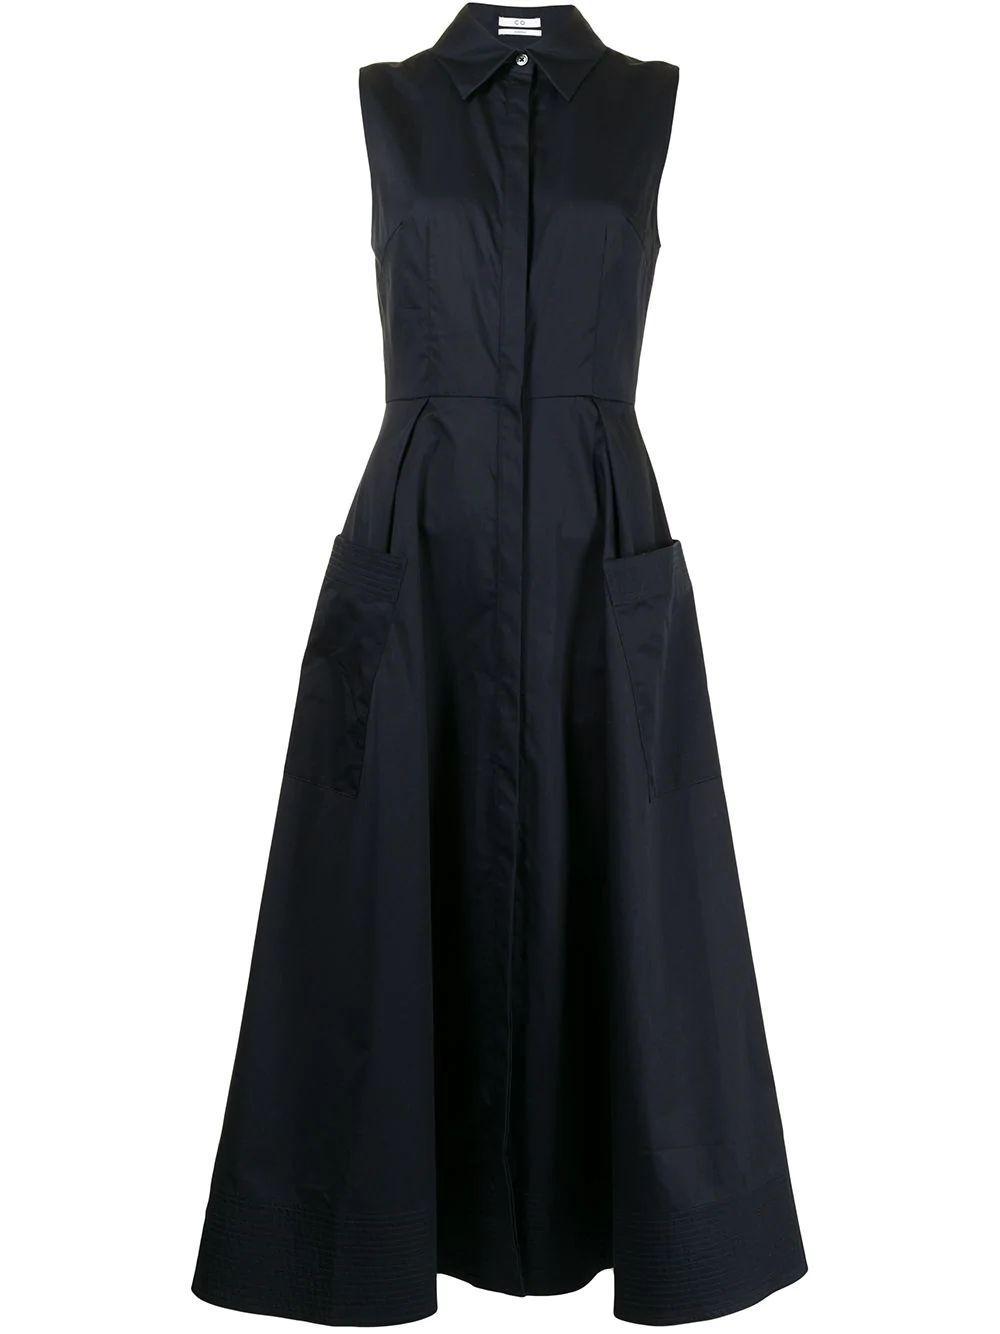 Button Down Shirt Dress Item # 4683STN-ESSN